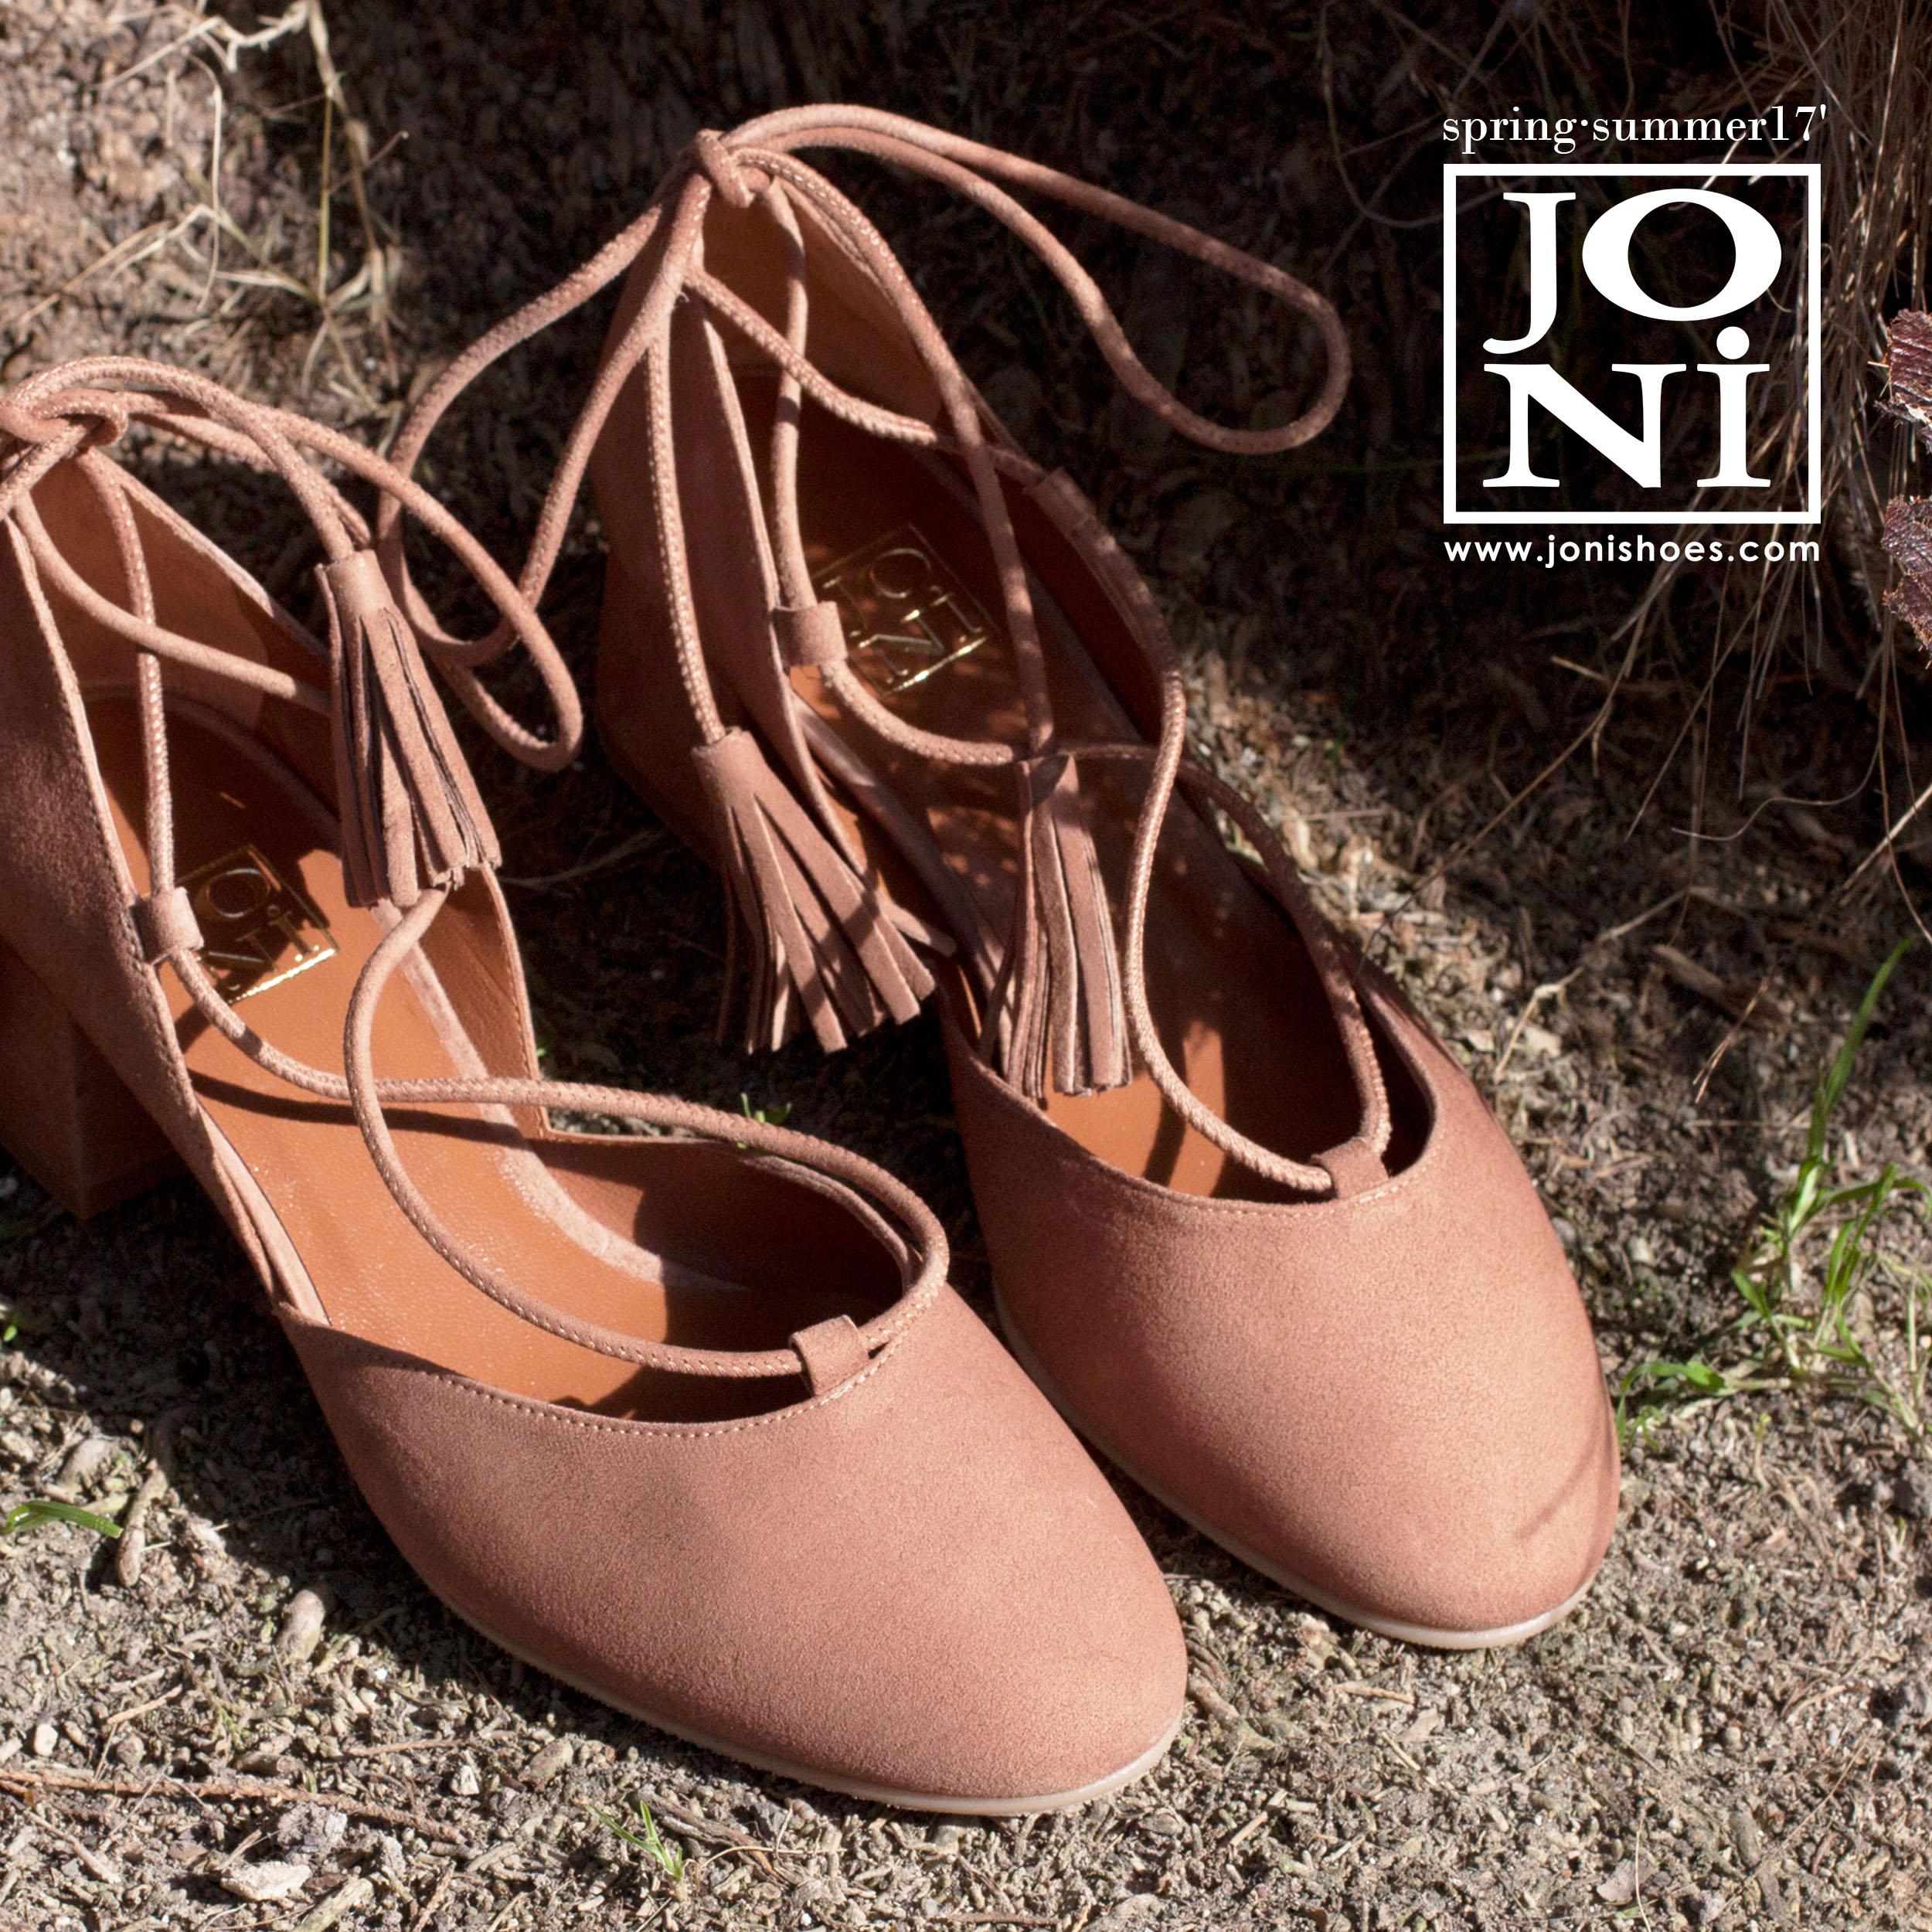 Multitiras Ss17 Shoes JoniSandalias Tendencia ArenaJoni VzMSpqU